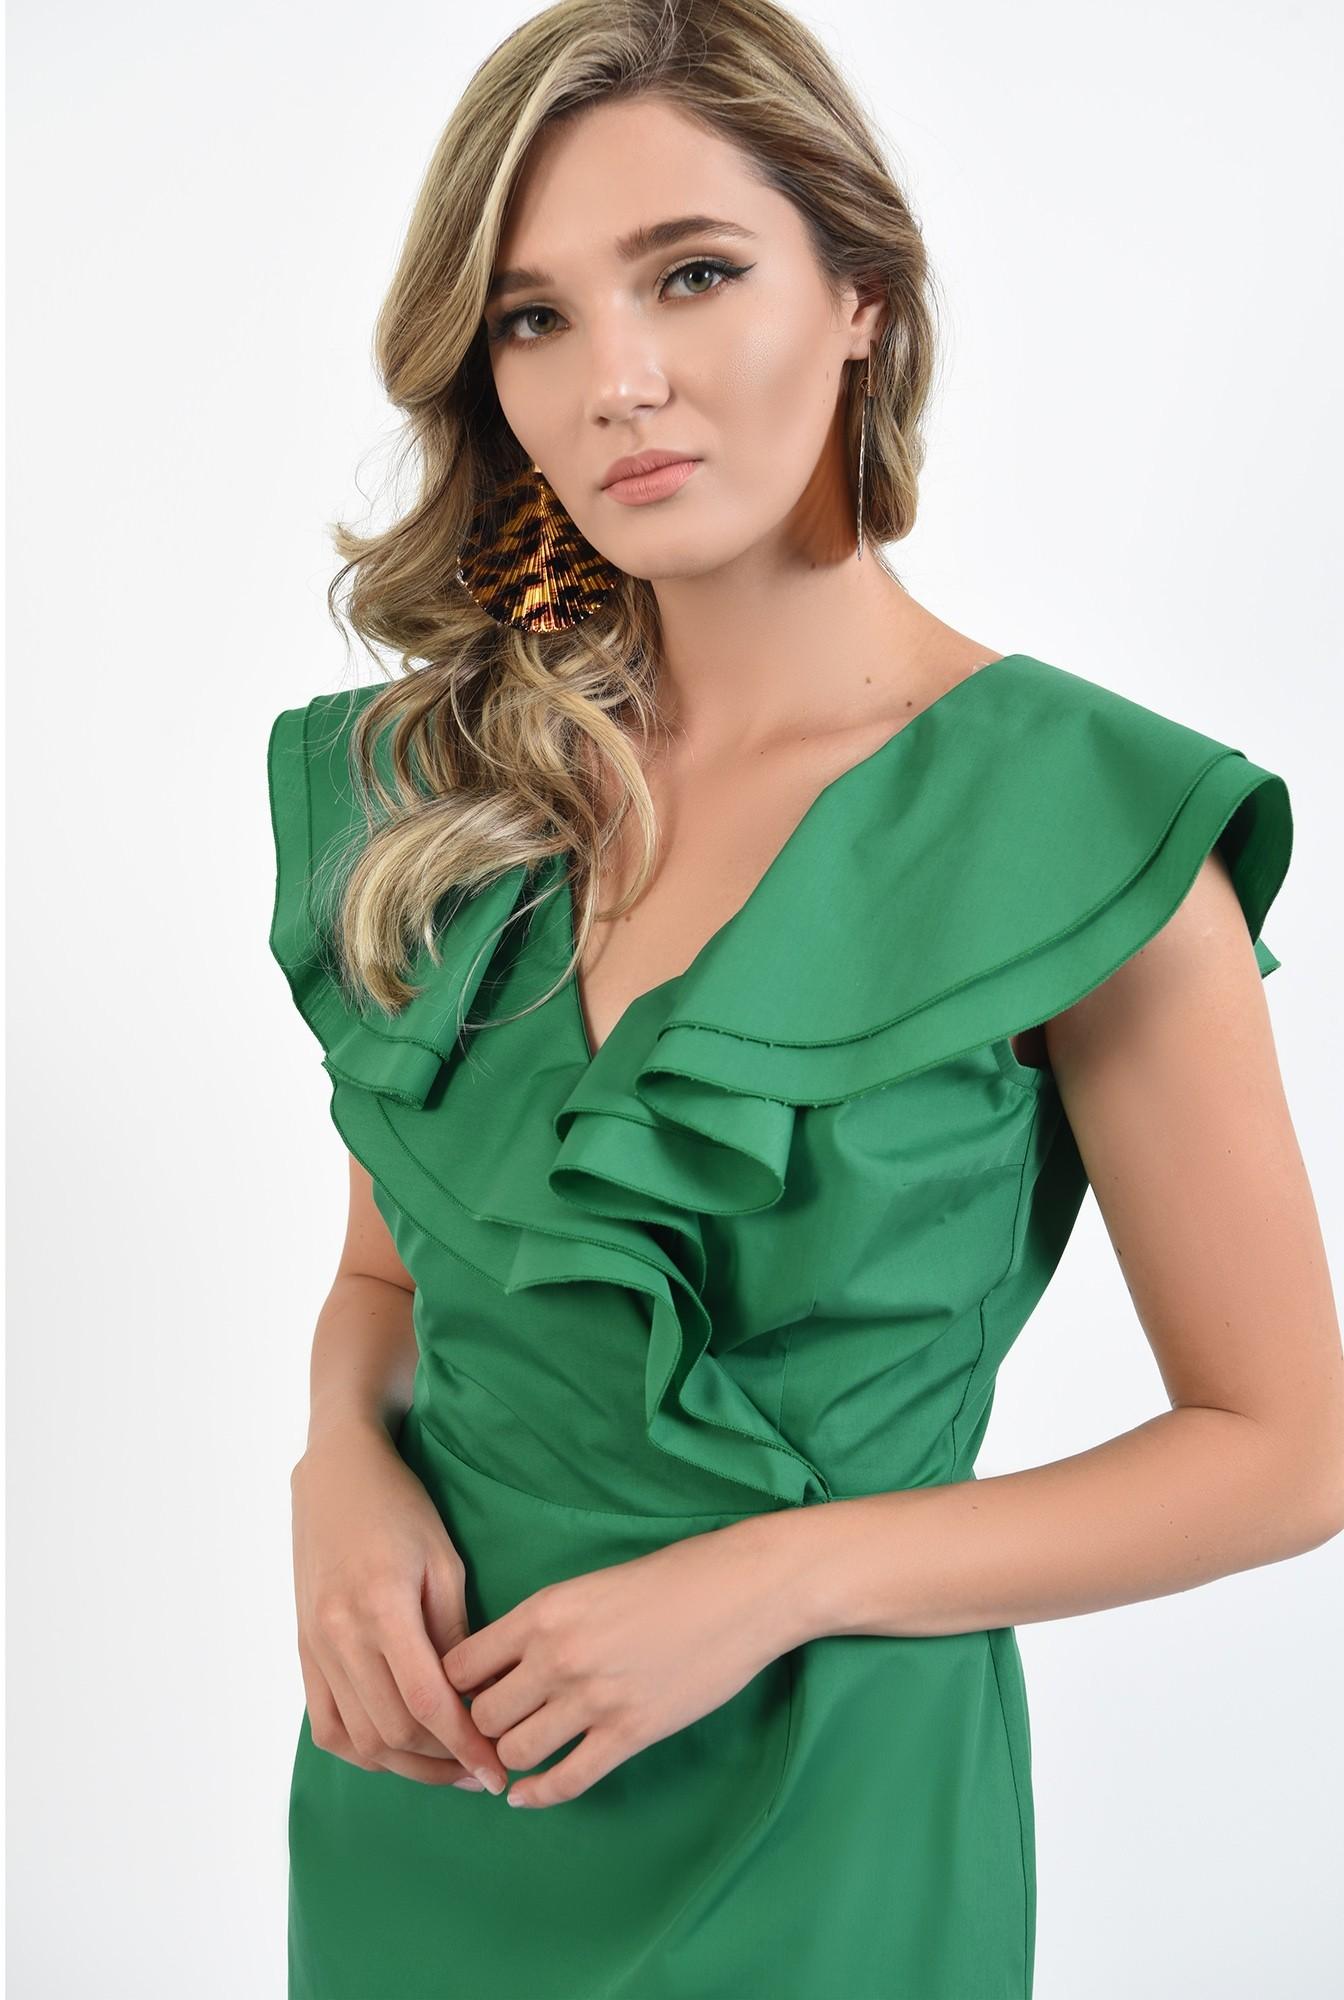 2 - 360 - rochie verde, din bumbac, cu volane, Poema